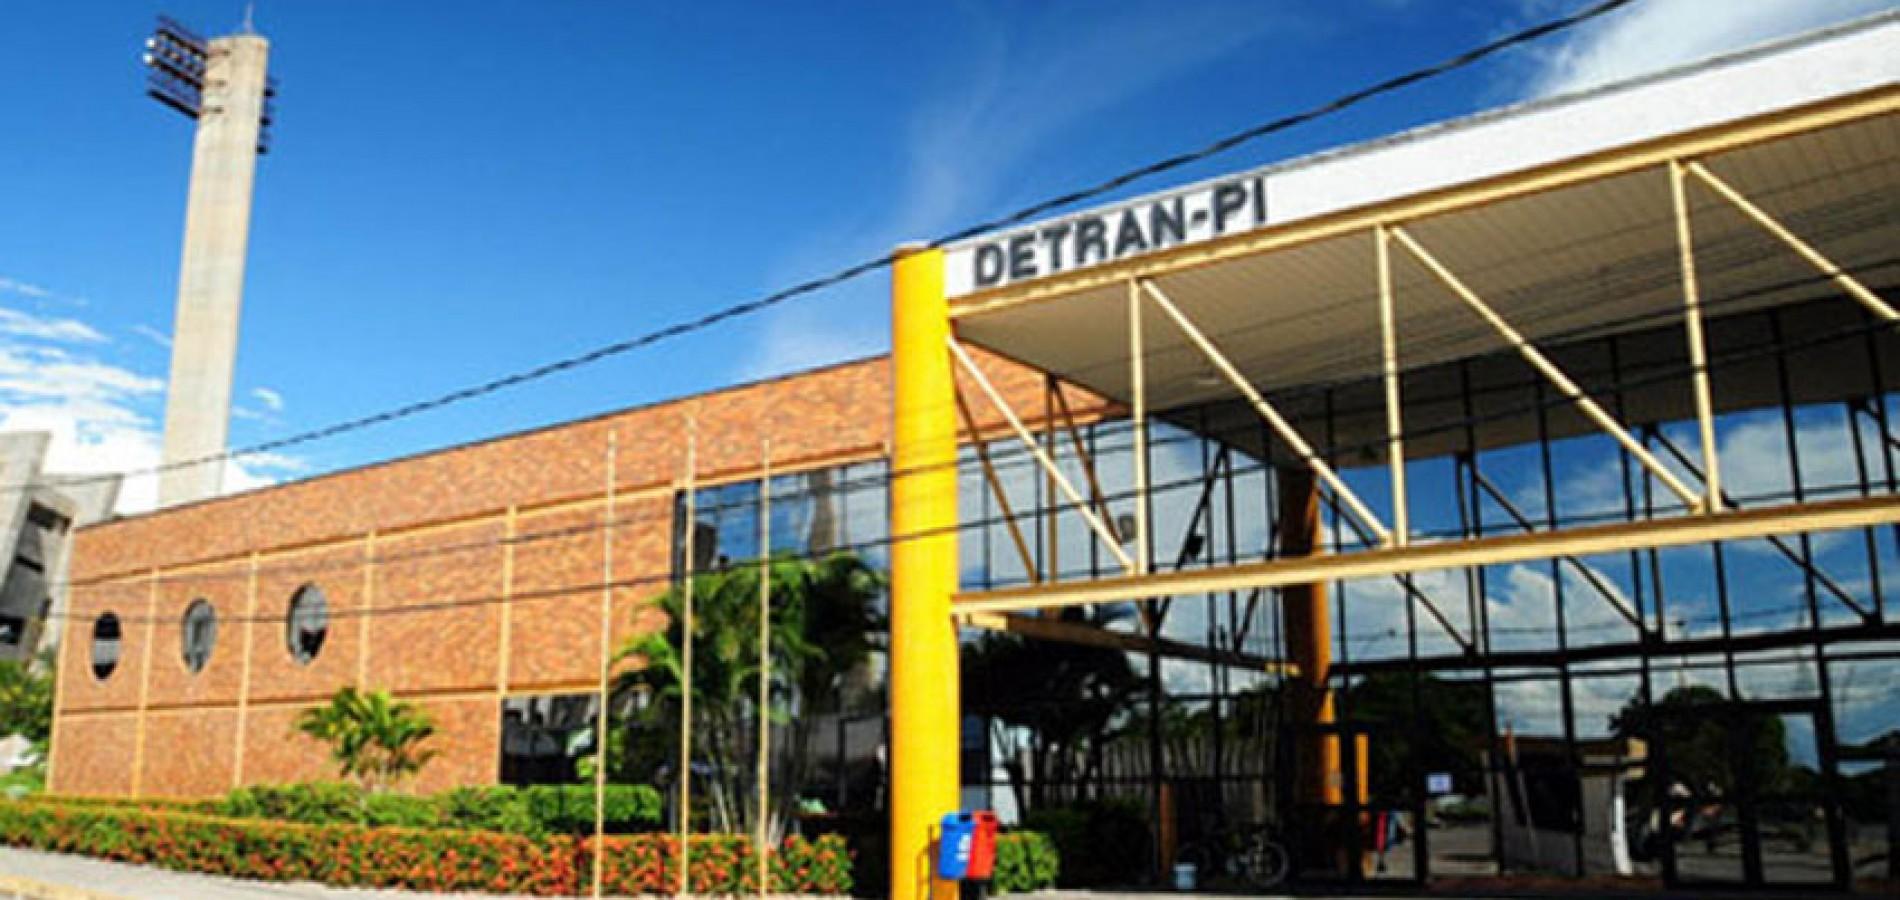 Serviços no Detran-PI param por falta de papel e pagamento de terceirizados